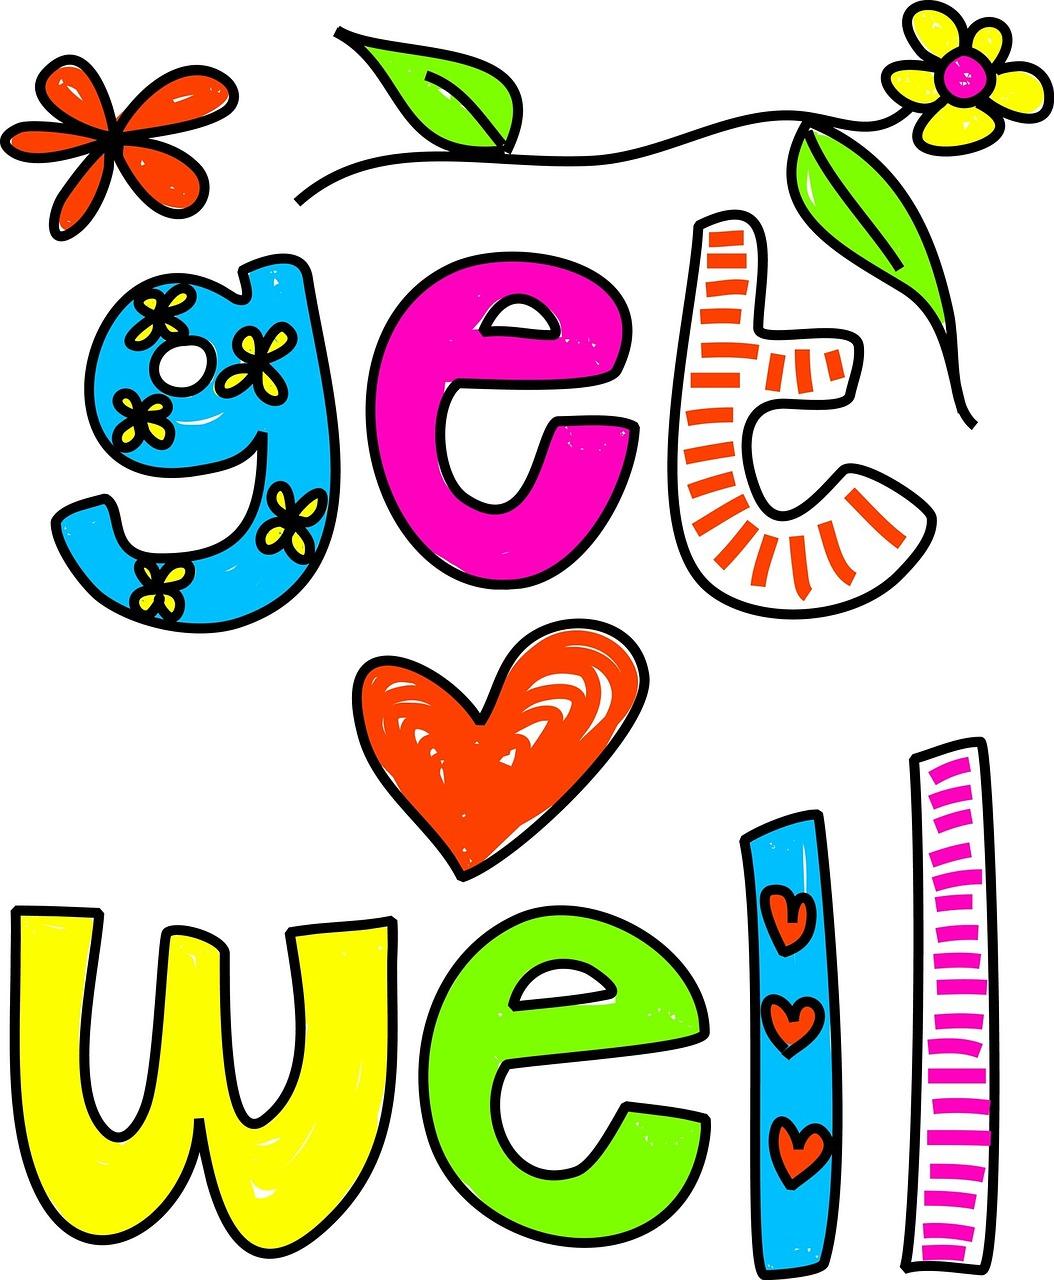 https://pixabay.com/it/testo-tipo-tipo-di-carattere-1318198/